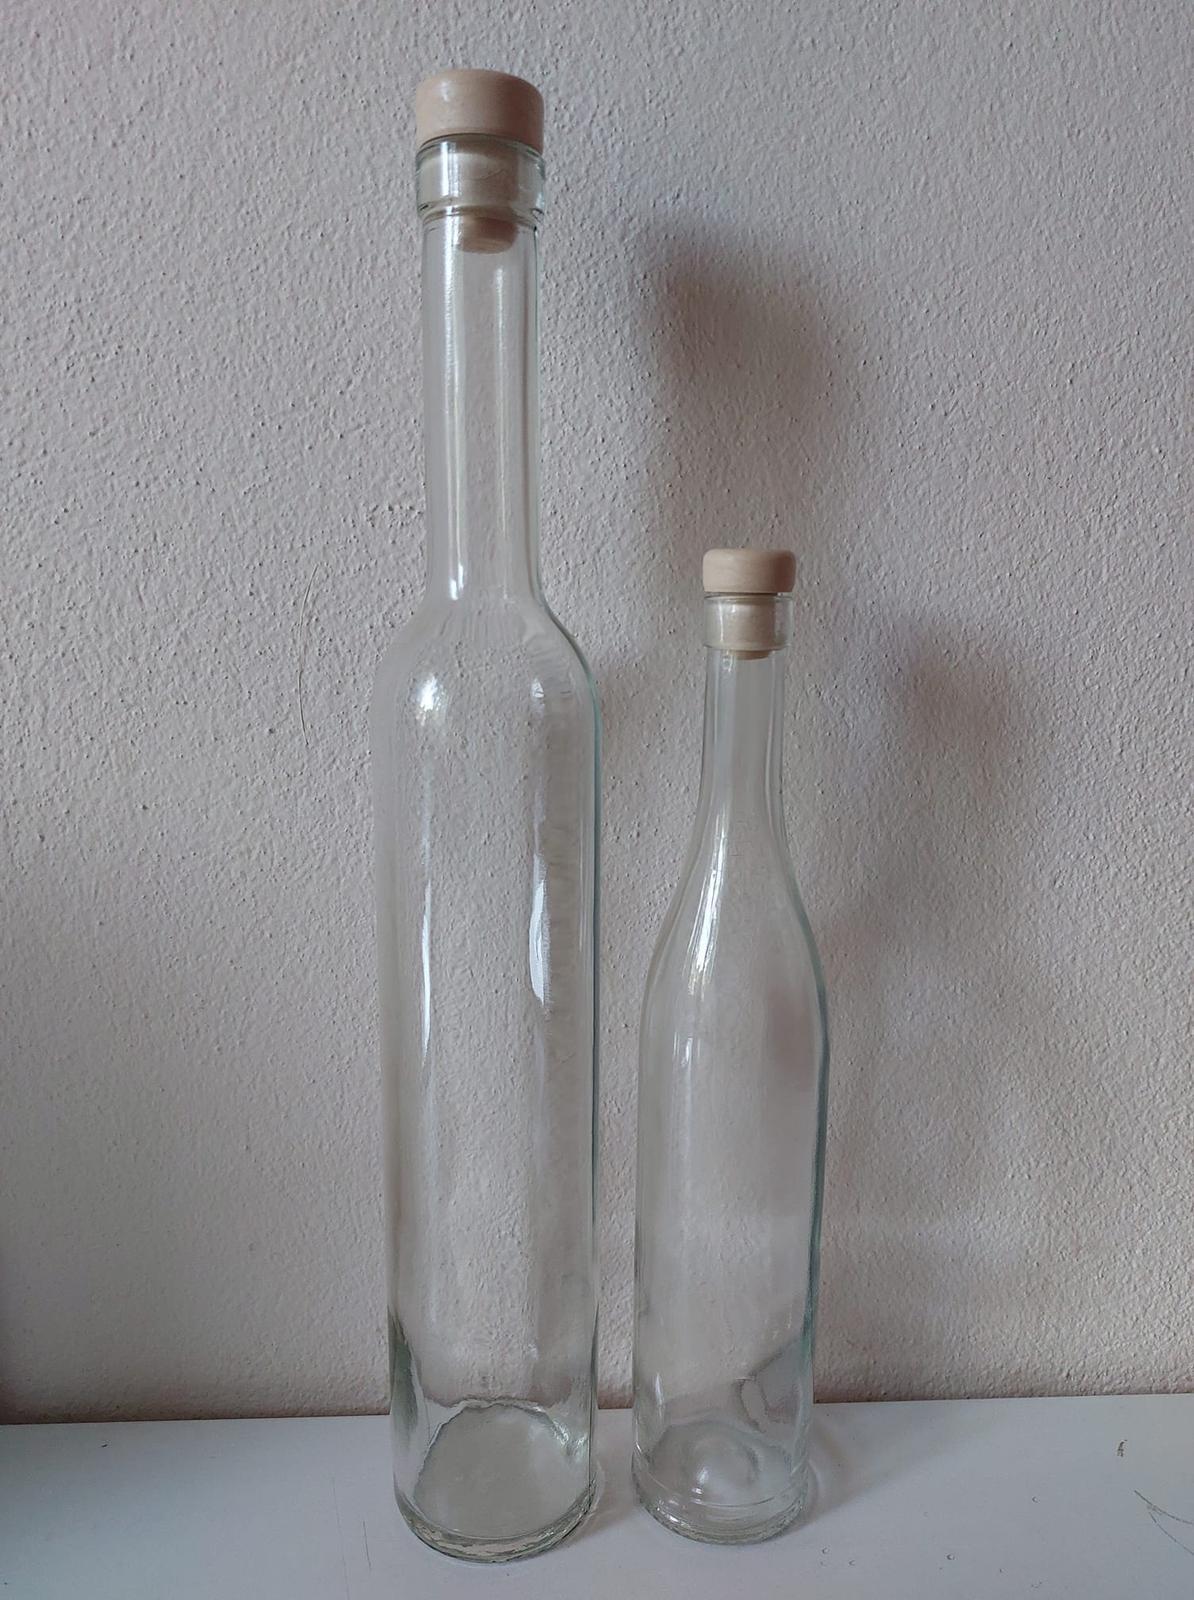 0,5L a 0,25L sklenená fľaša - Obrázok č. 1